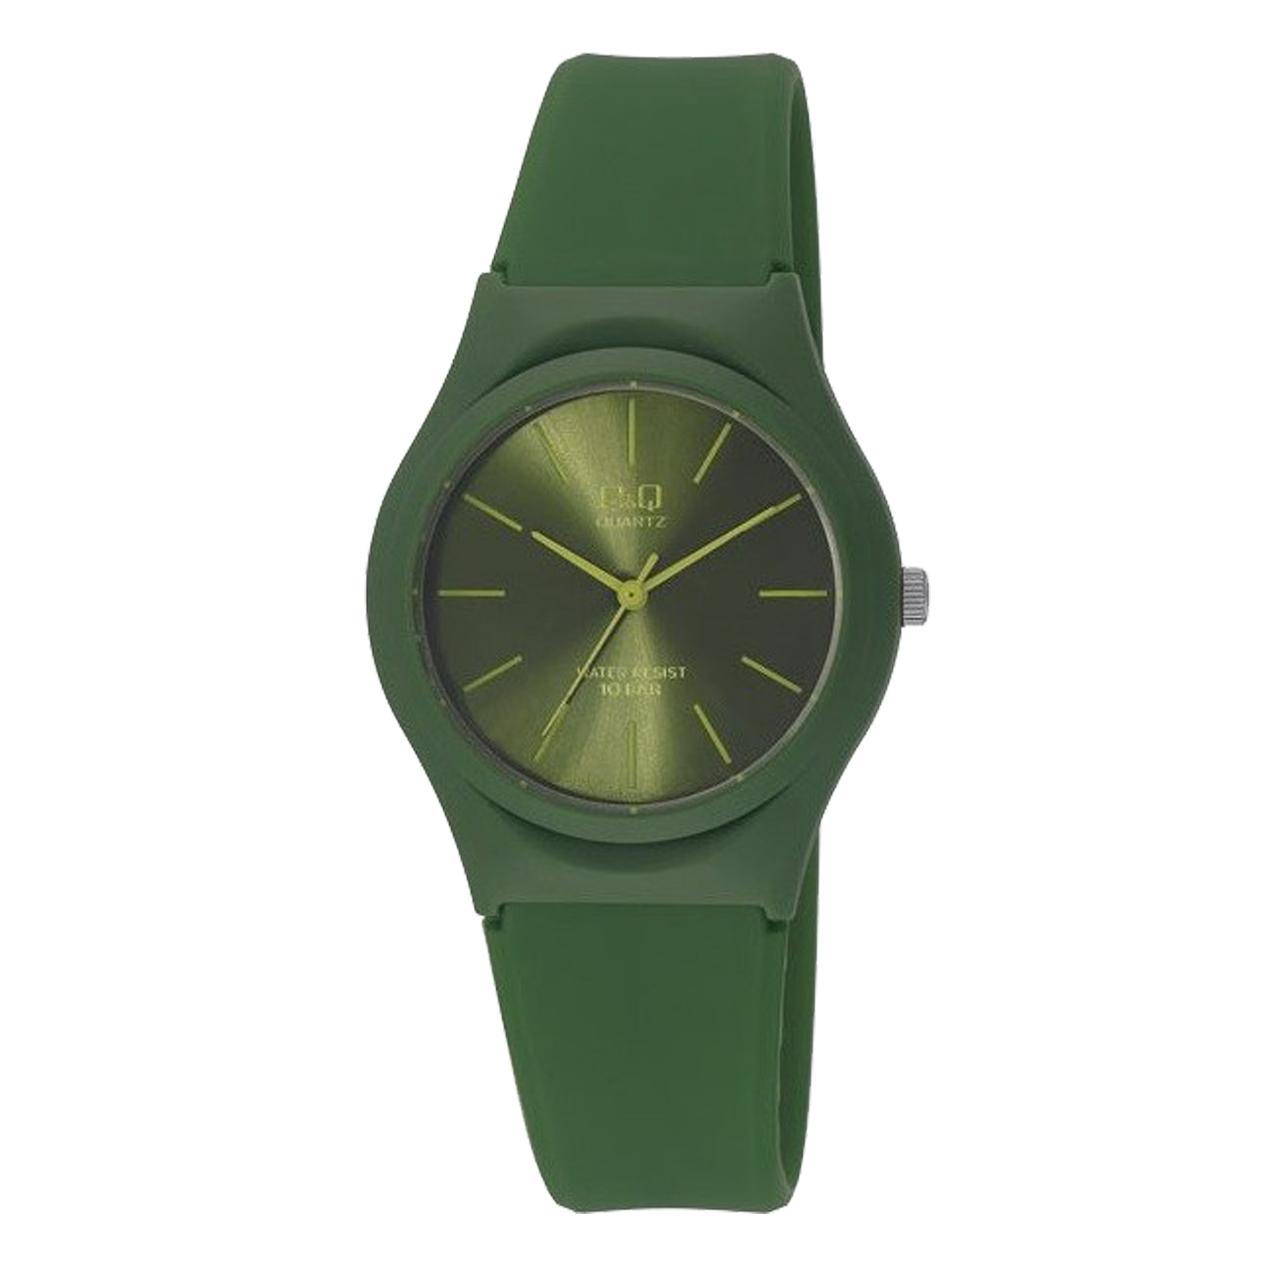 ساعت مچی عقربه ای زنانه کیو اند کیو مدل vq86j024y  به همراه دستمال مخصوص برند کلین واچ